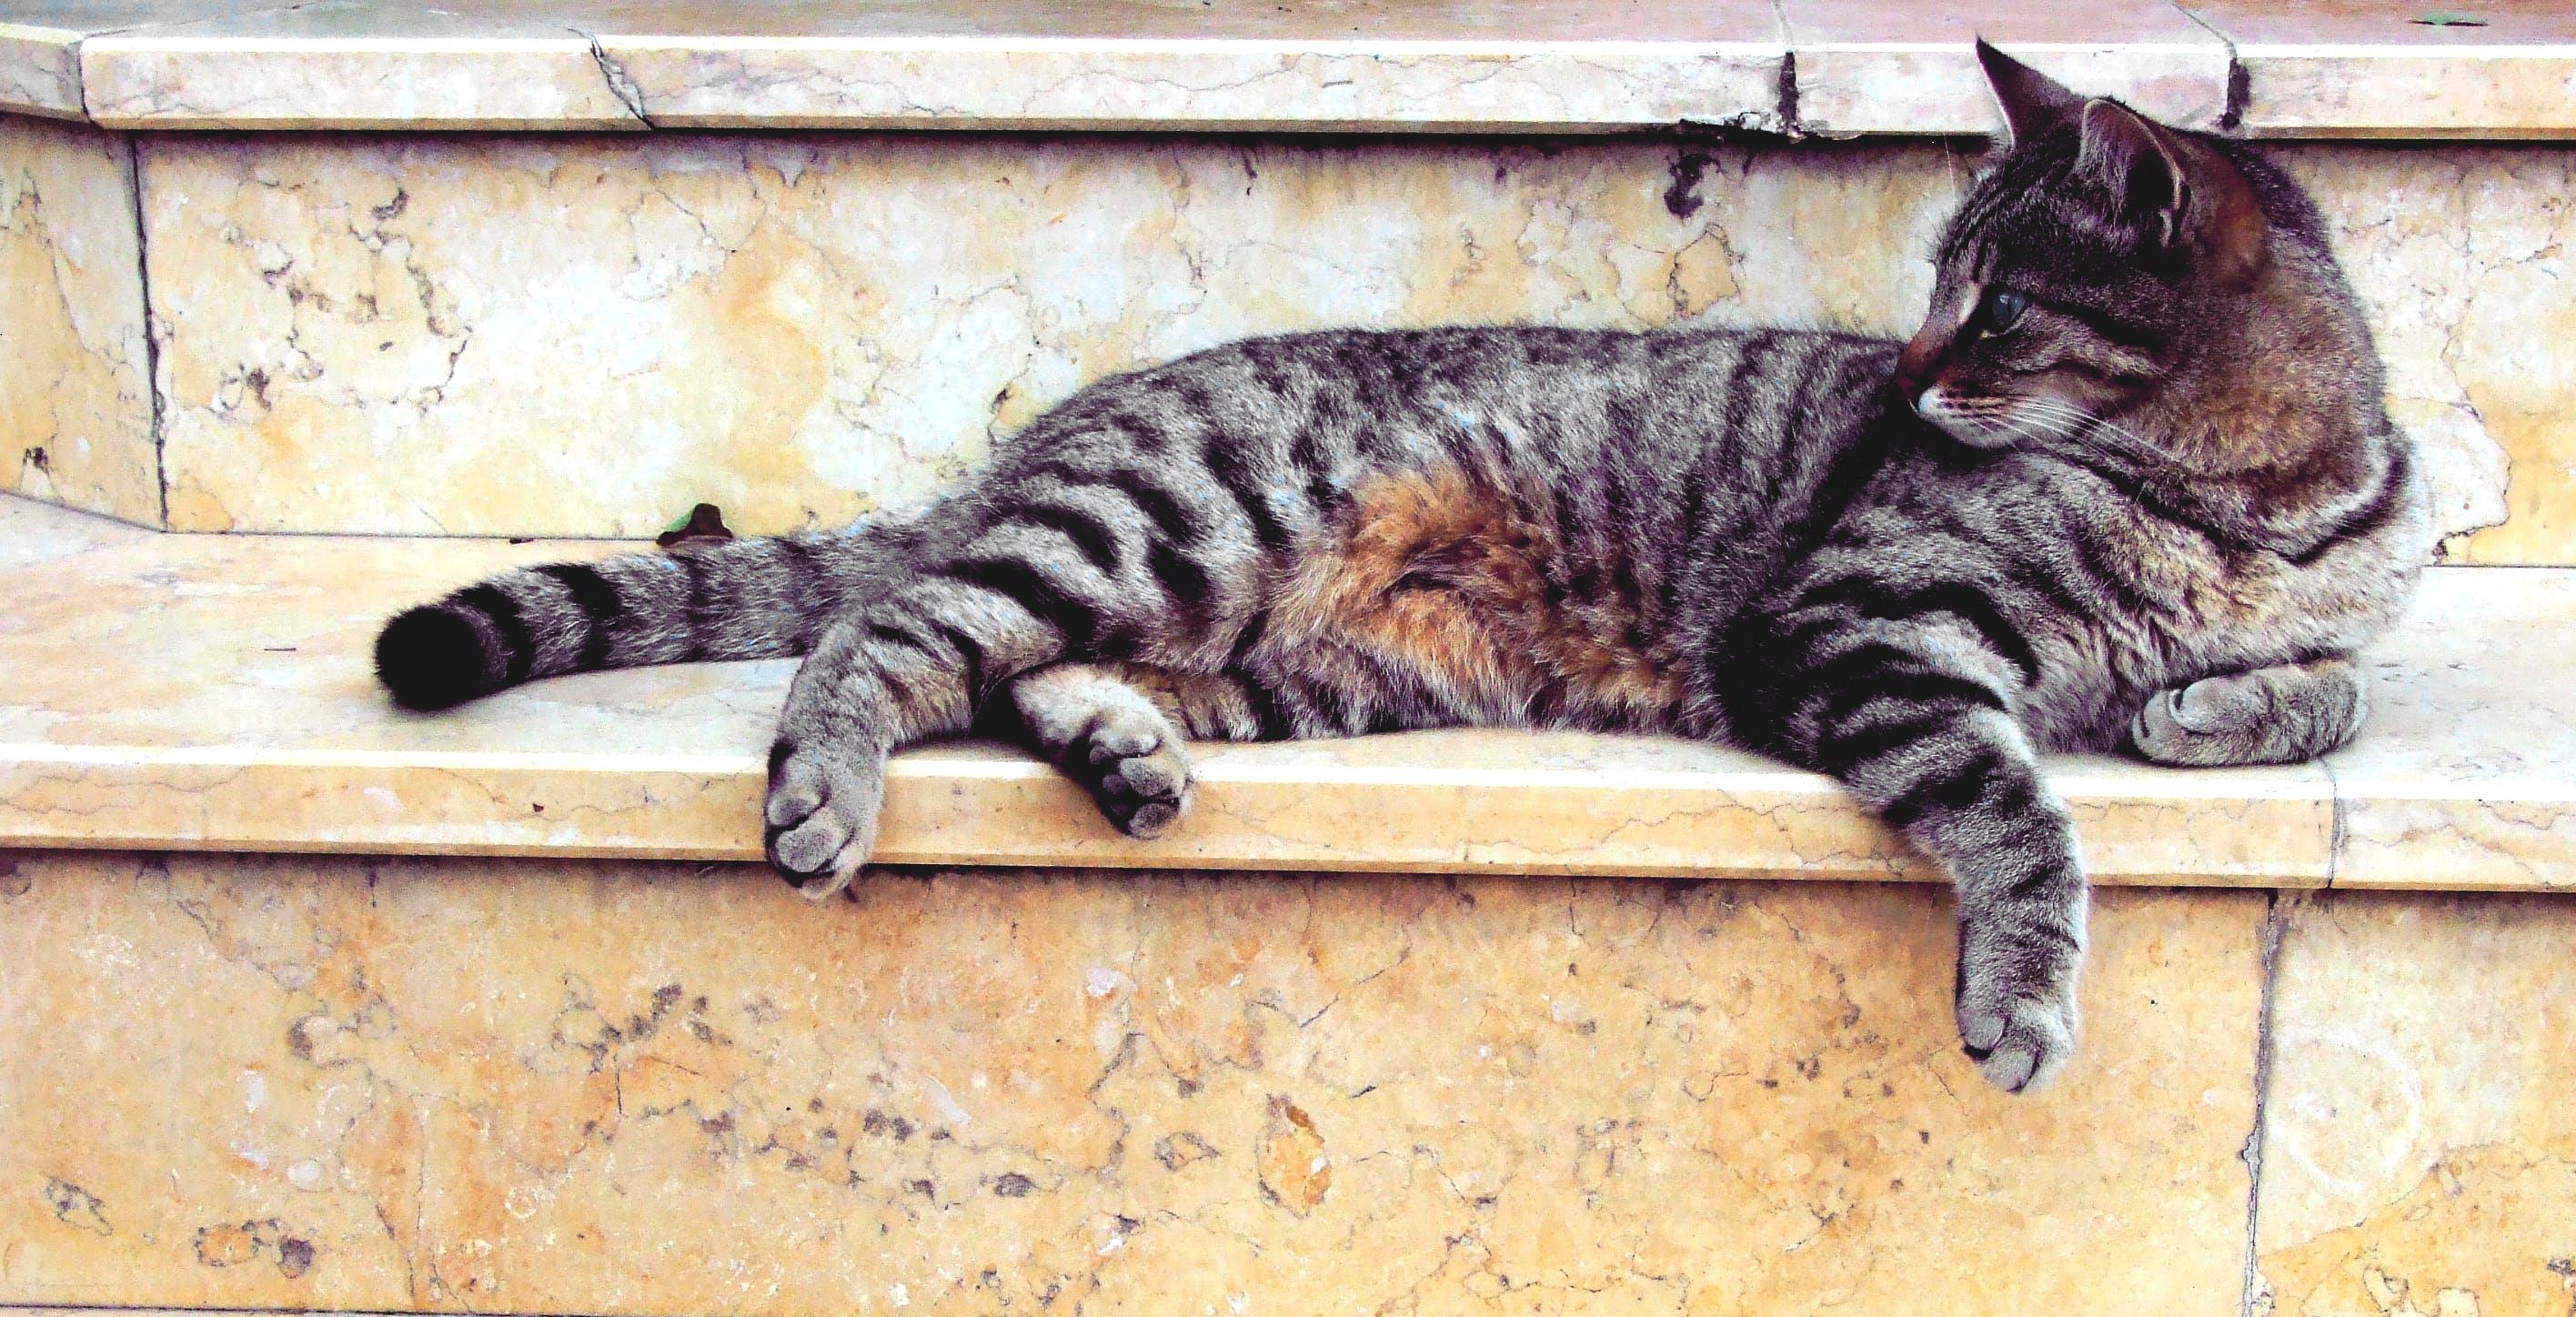 Grey Cat Lying in Marble Stairway